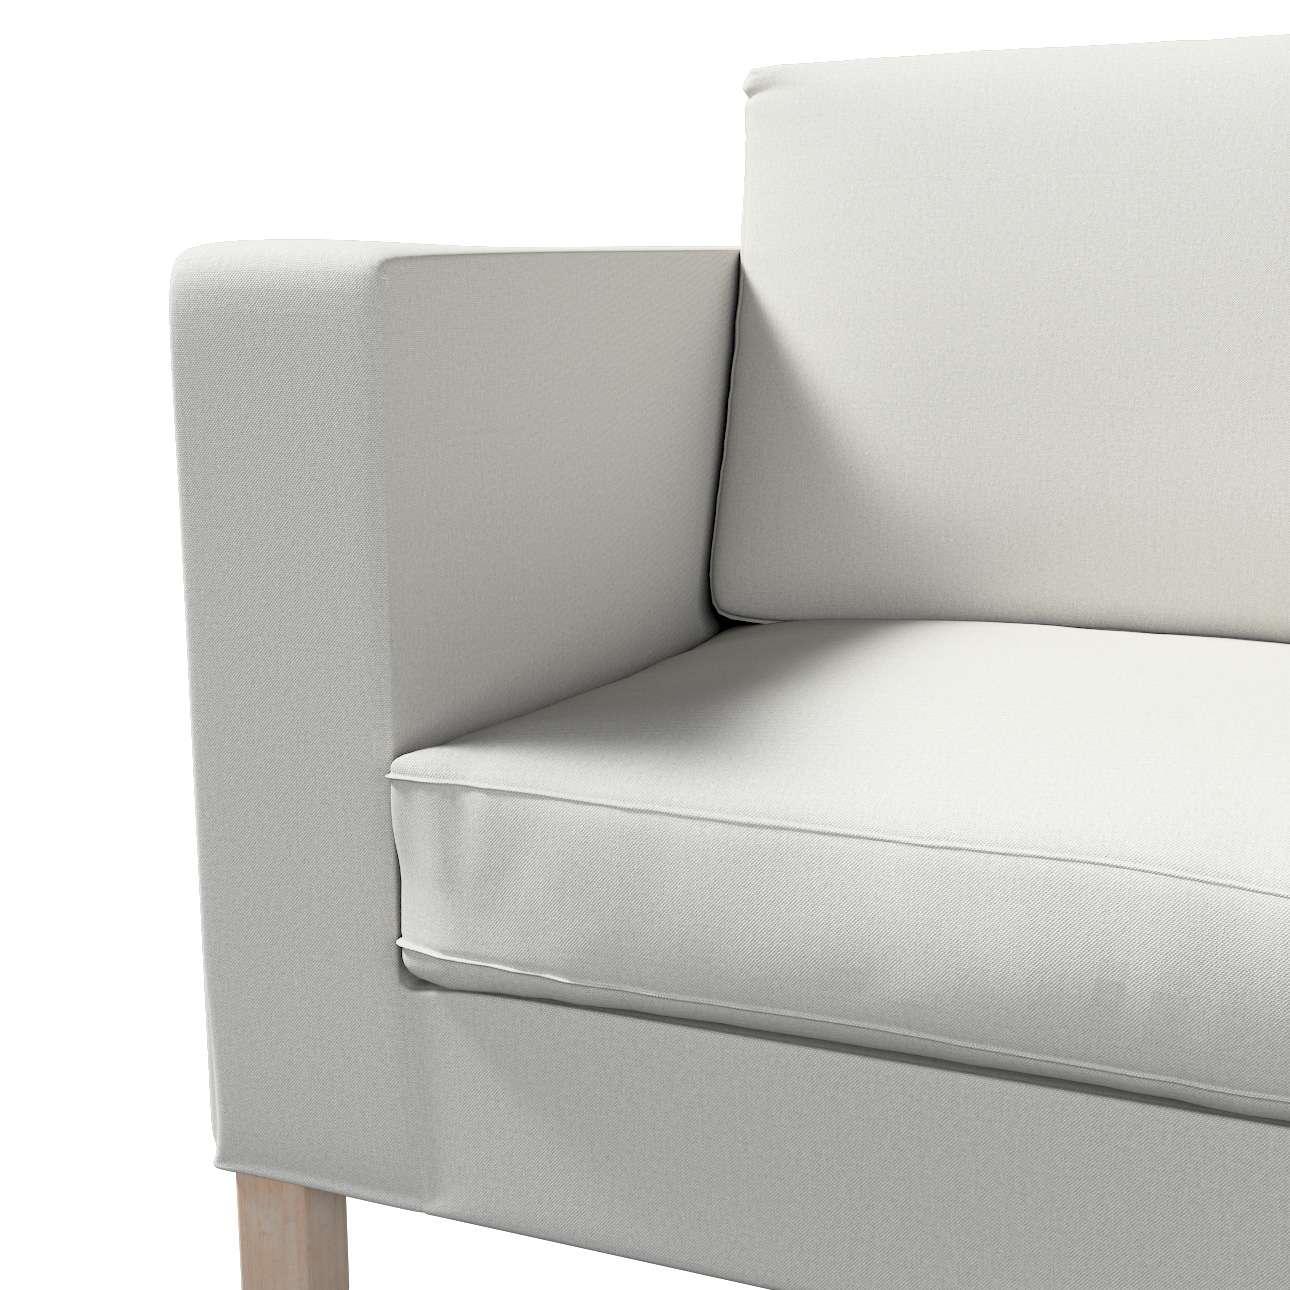 Pokrowiec na sofę Karlanda rozkładaną, krótki w kolekcji Etna, tkanina: 705-90